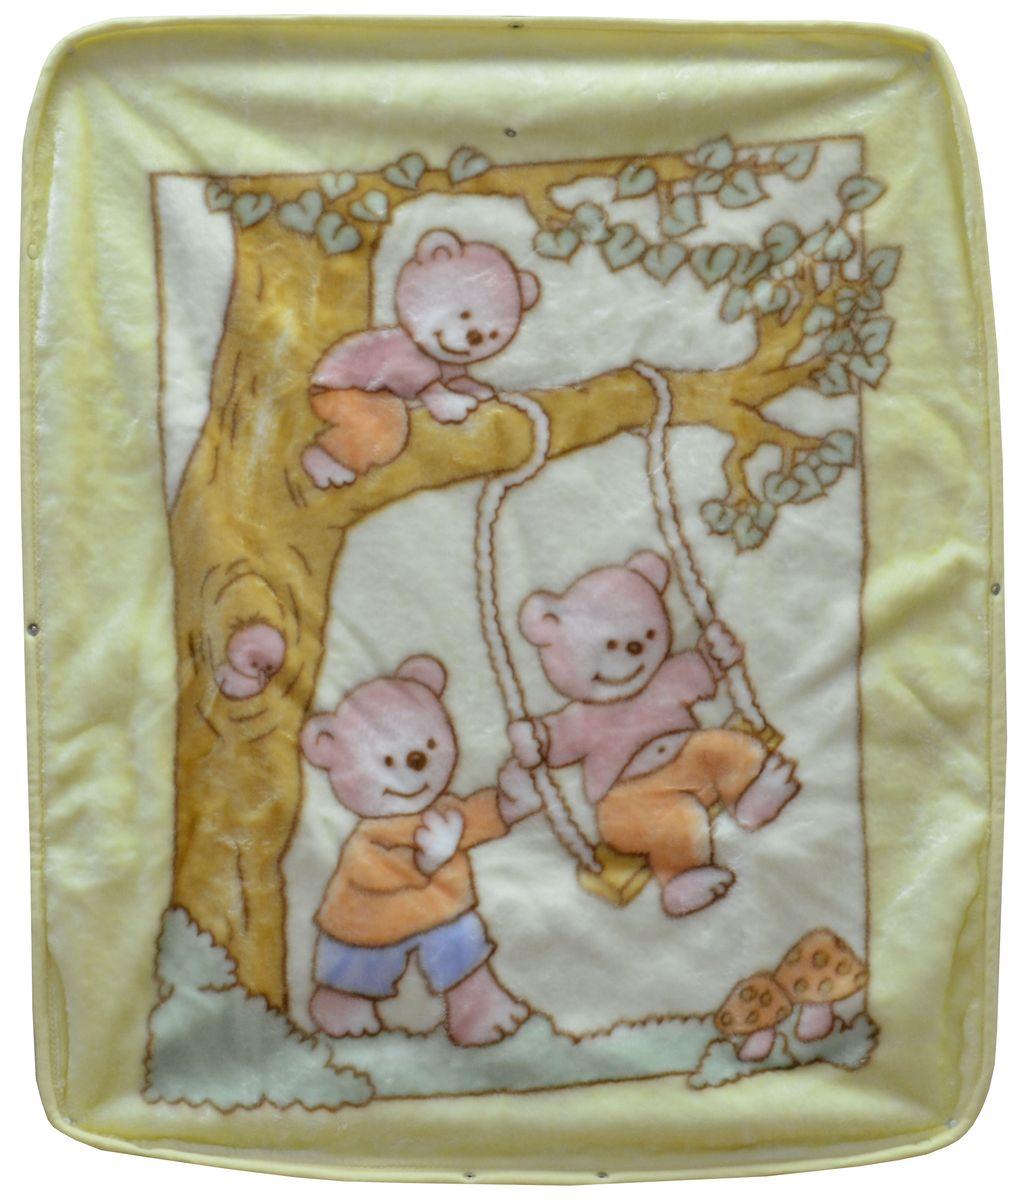 Bonne Fee Плед-накидка для младенцев на молнии 1, 80 х 90 см, цвет: желтый4461/пдПлед-накидка для младенцев на молнии Bonne Fee - защита, тепло и комфорт для малышей - использован надёжный, качественный и мягкий материал! Удобство и спокойствие для родителей обеспечивается универсальностью пледа-накидки, конструкция которого позволяет ему легко превращаться в конвертик. Отличное качество и практичность! Любите своего ребёнка и дарите ему лучшее!